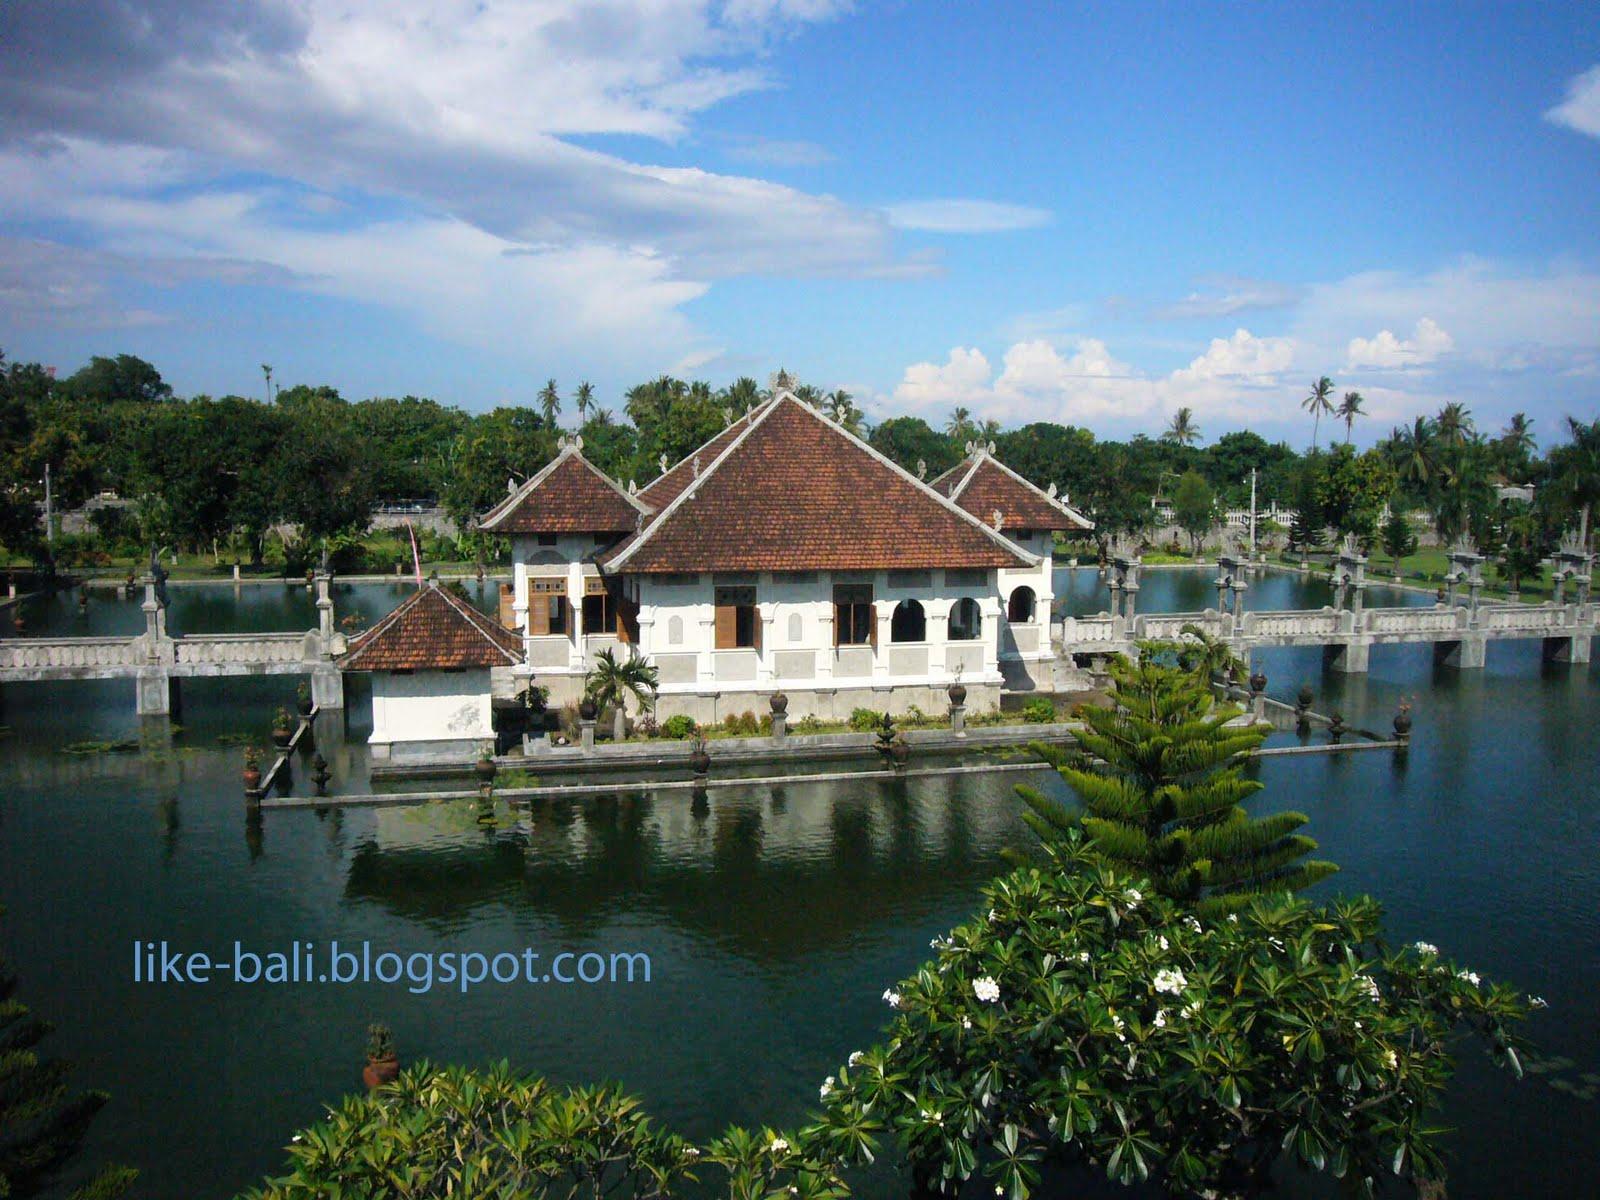 like bali water palace karangasem bali